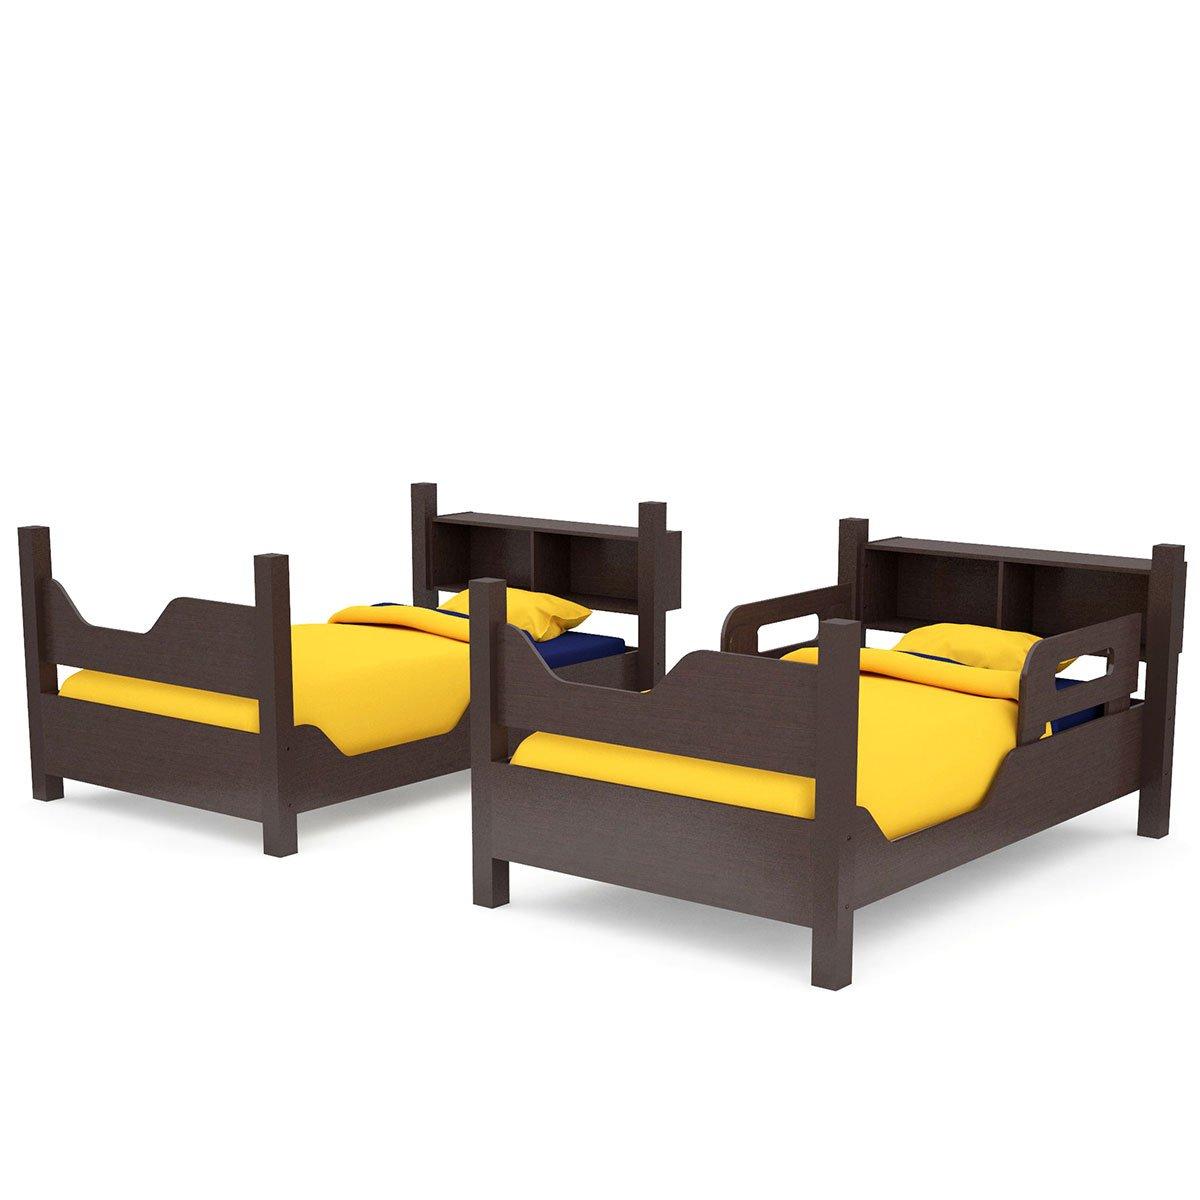 Litera escada con 2 camas individuales gemelas sears com for Recamaras con camas gemelas